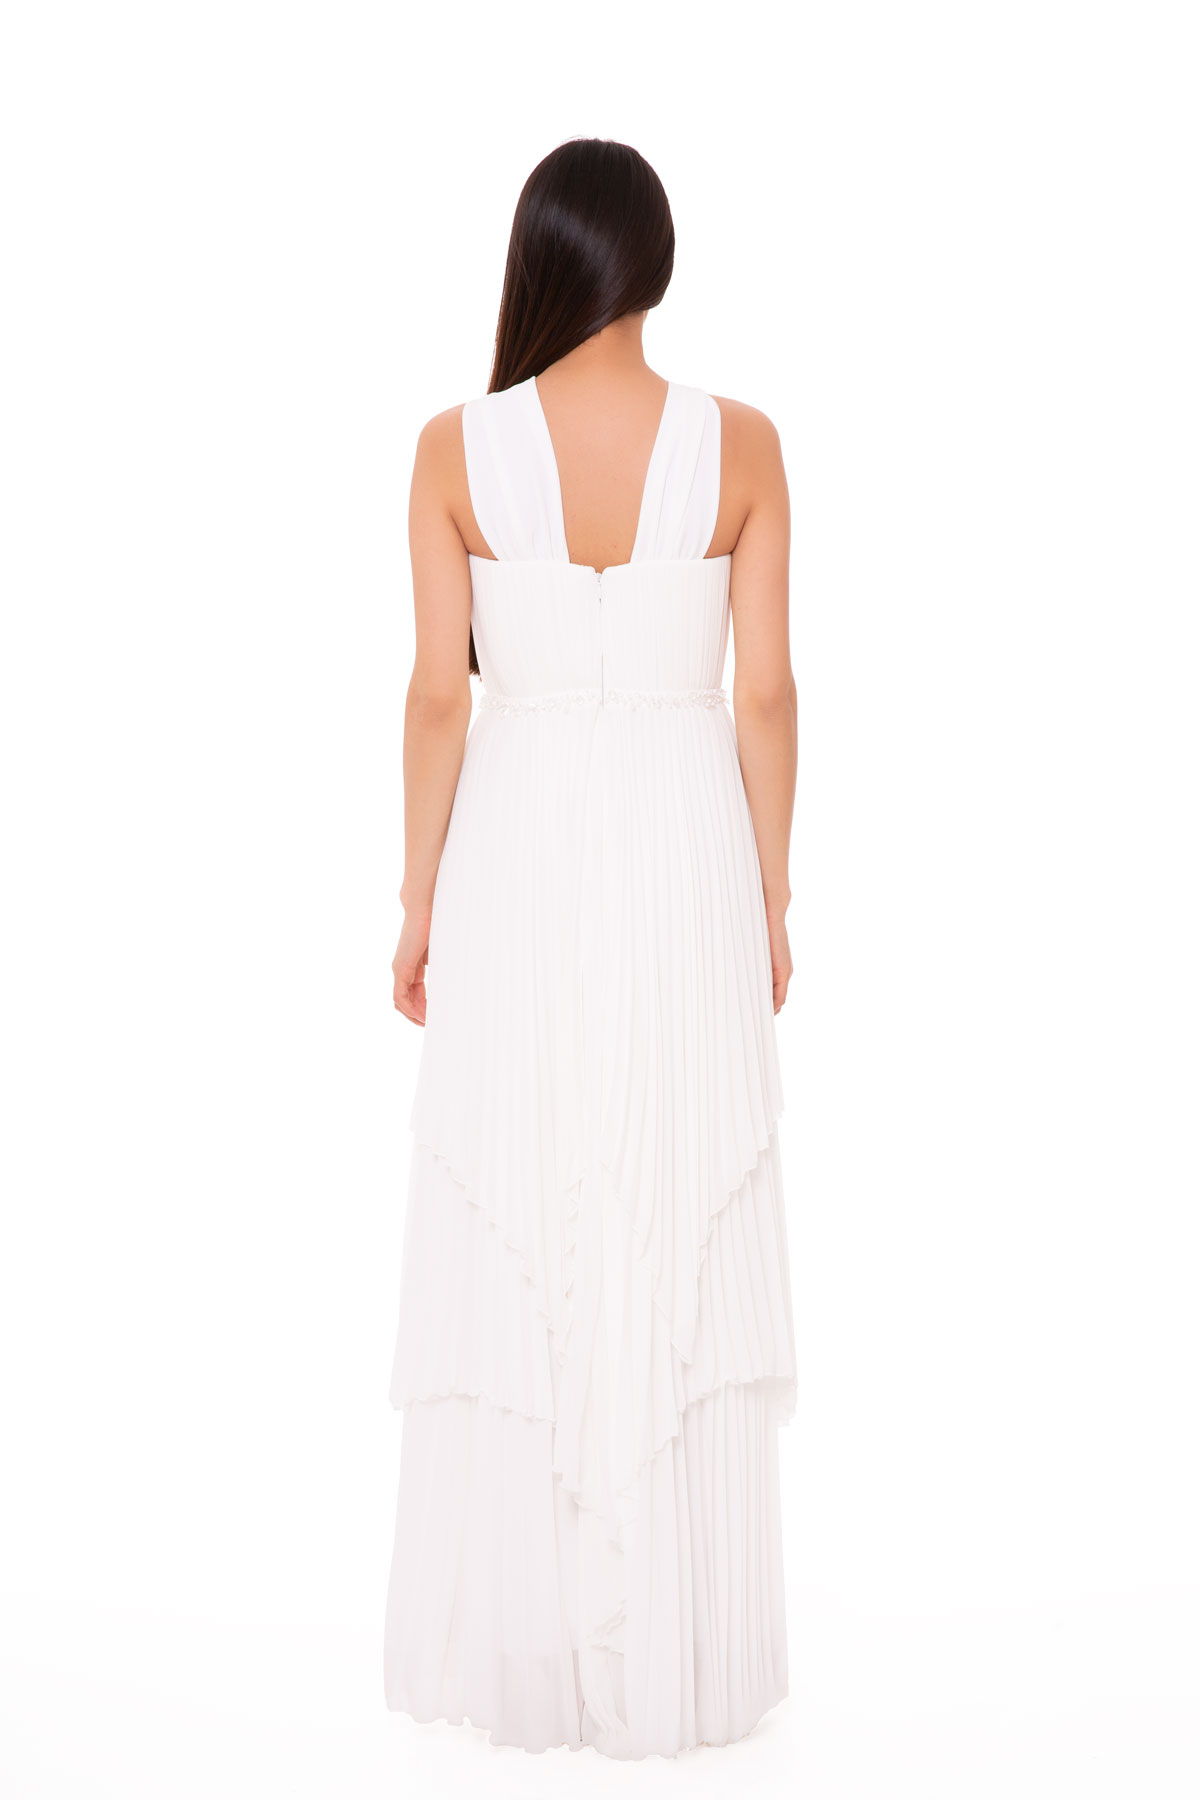 Taş İşleme Detaylı Uzun Beyaz Elbise